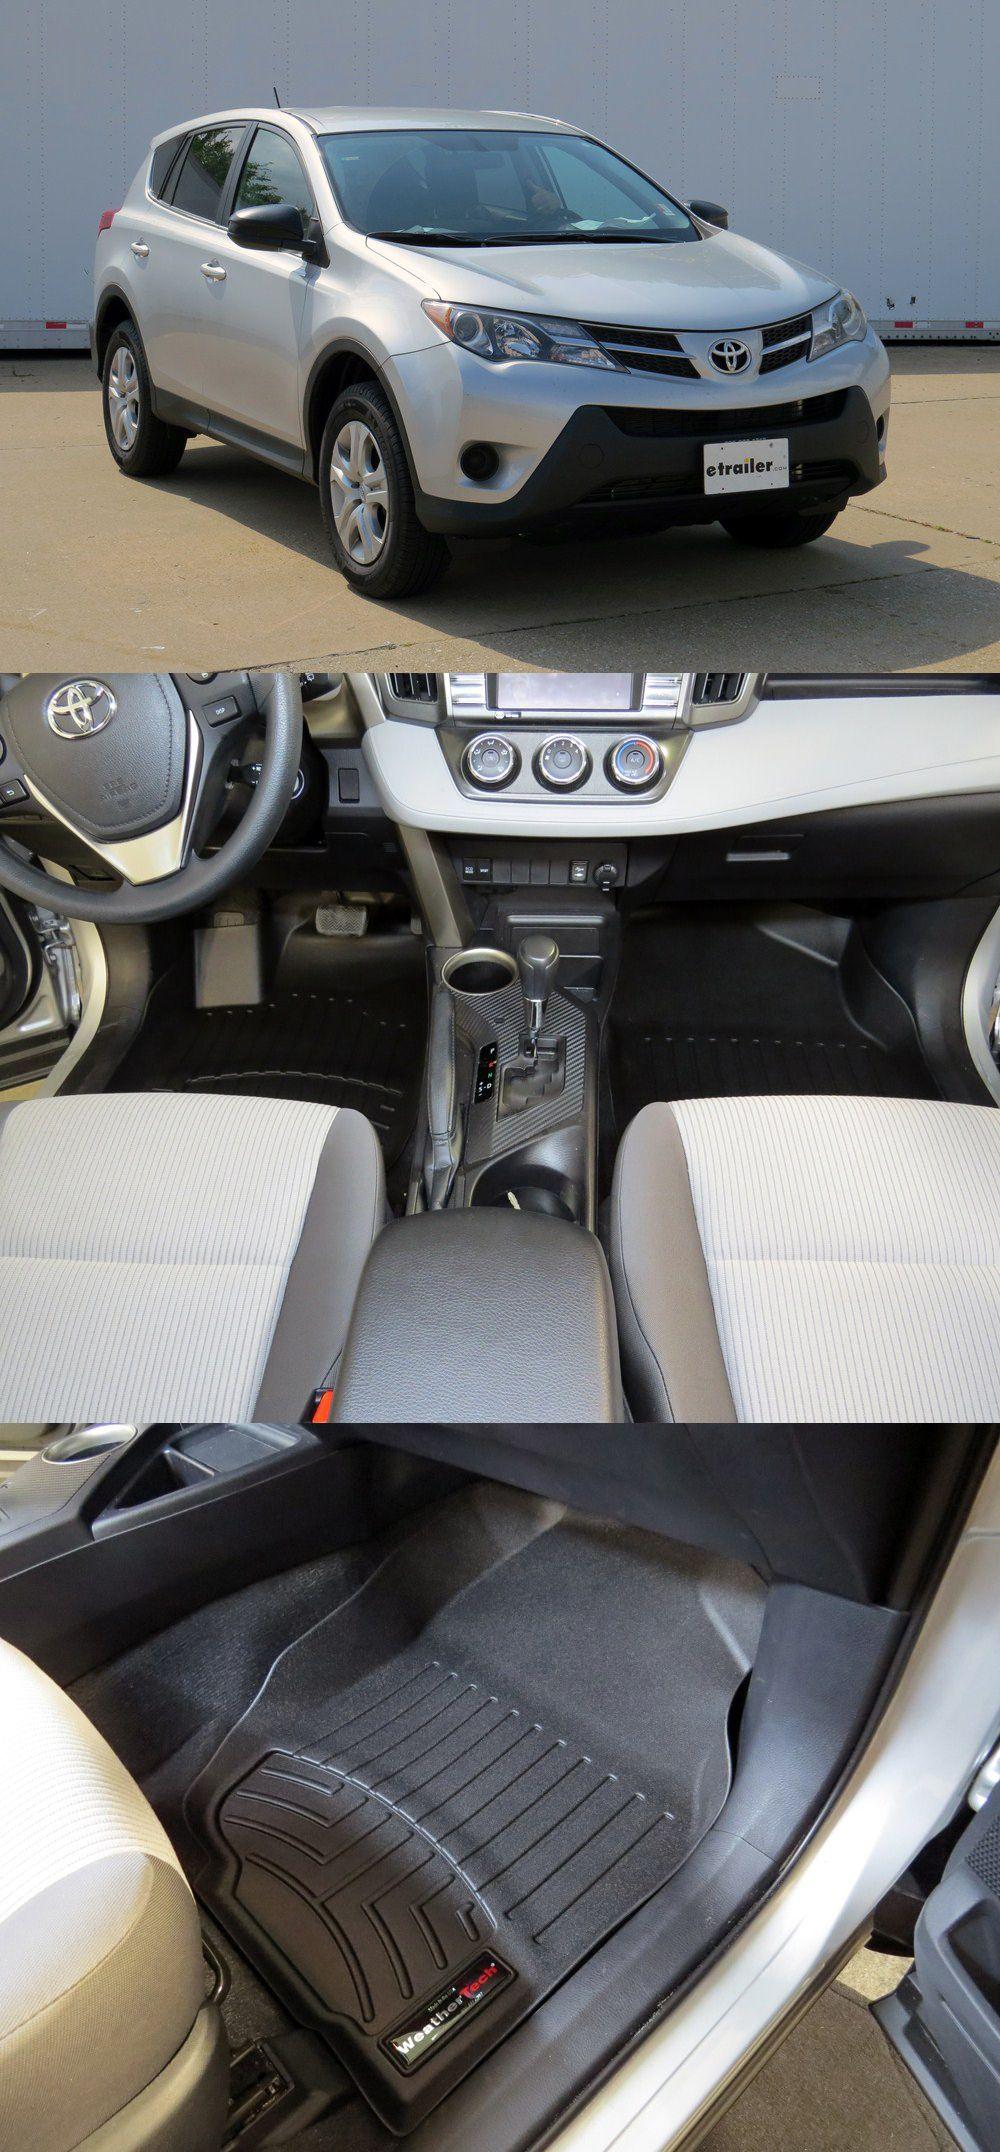 WeatherTech Front Auto Floor Mats Black Rav4, Toyota